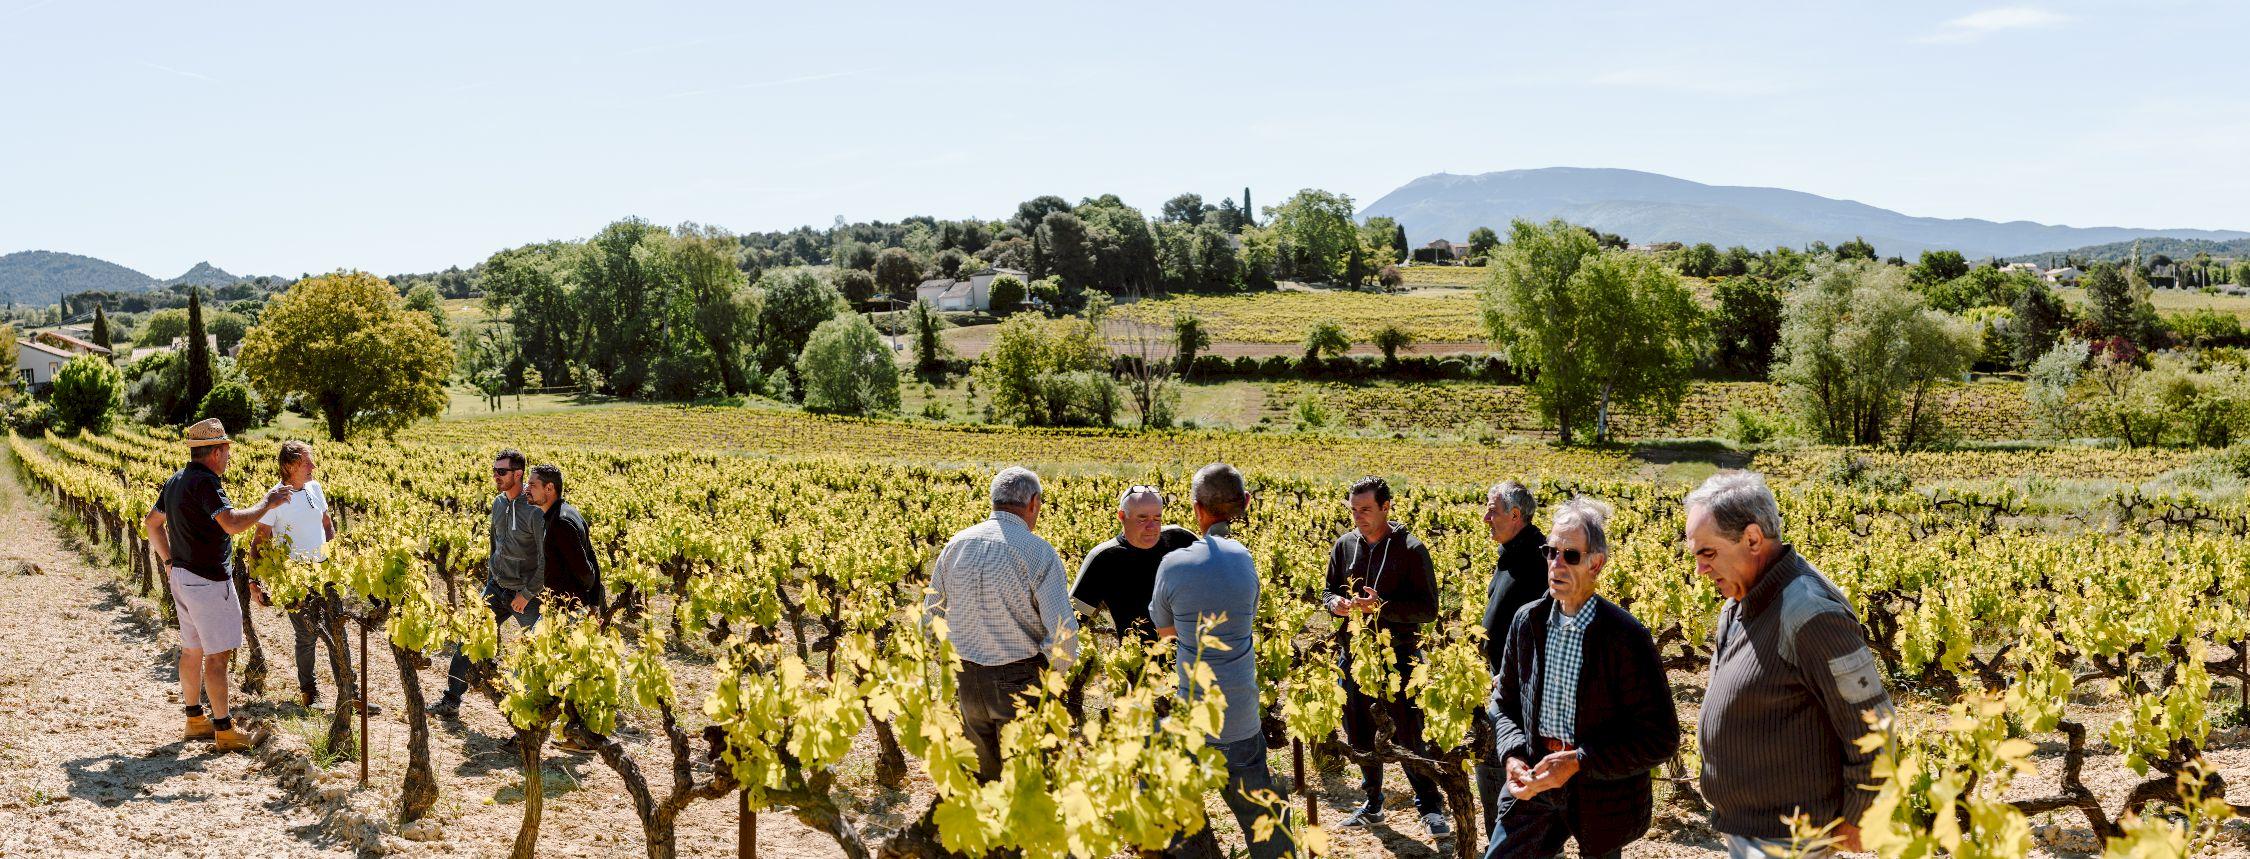 photo panoramique hommes dans champs de vigne